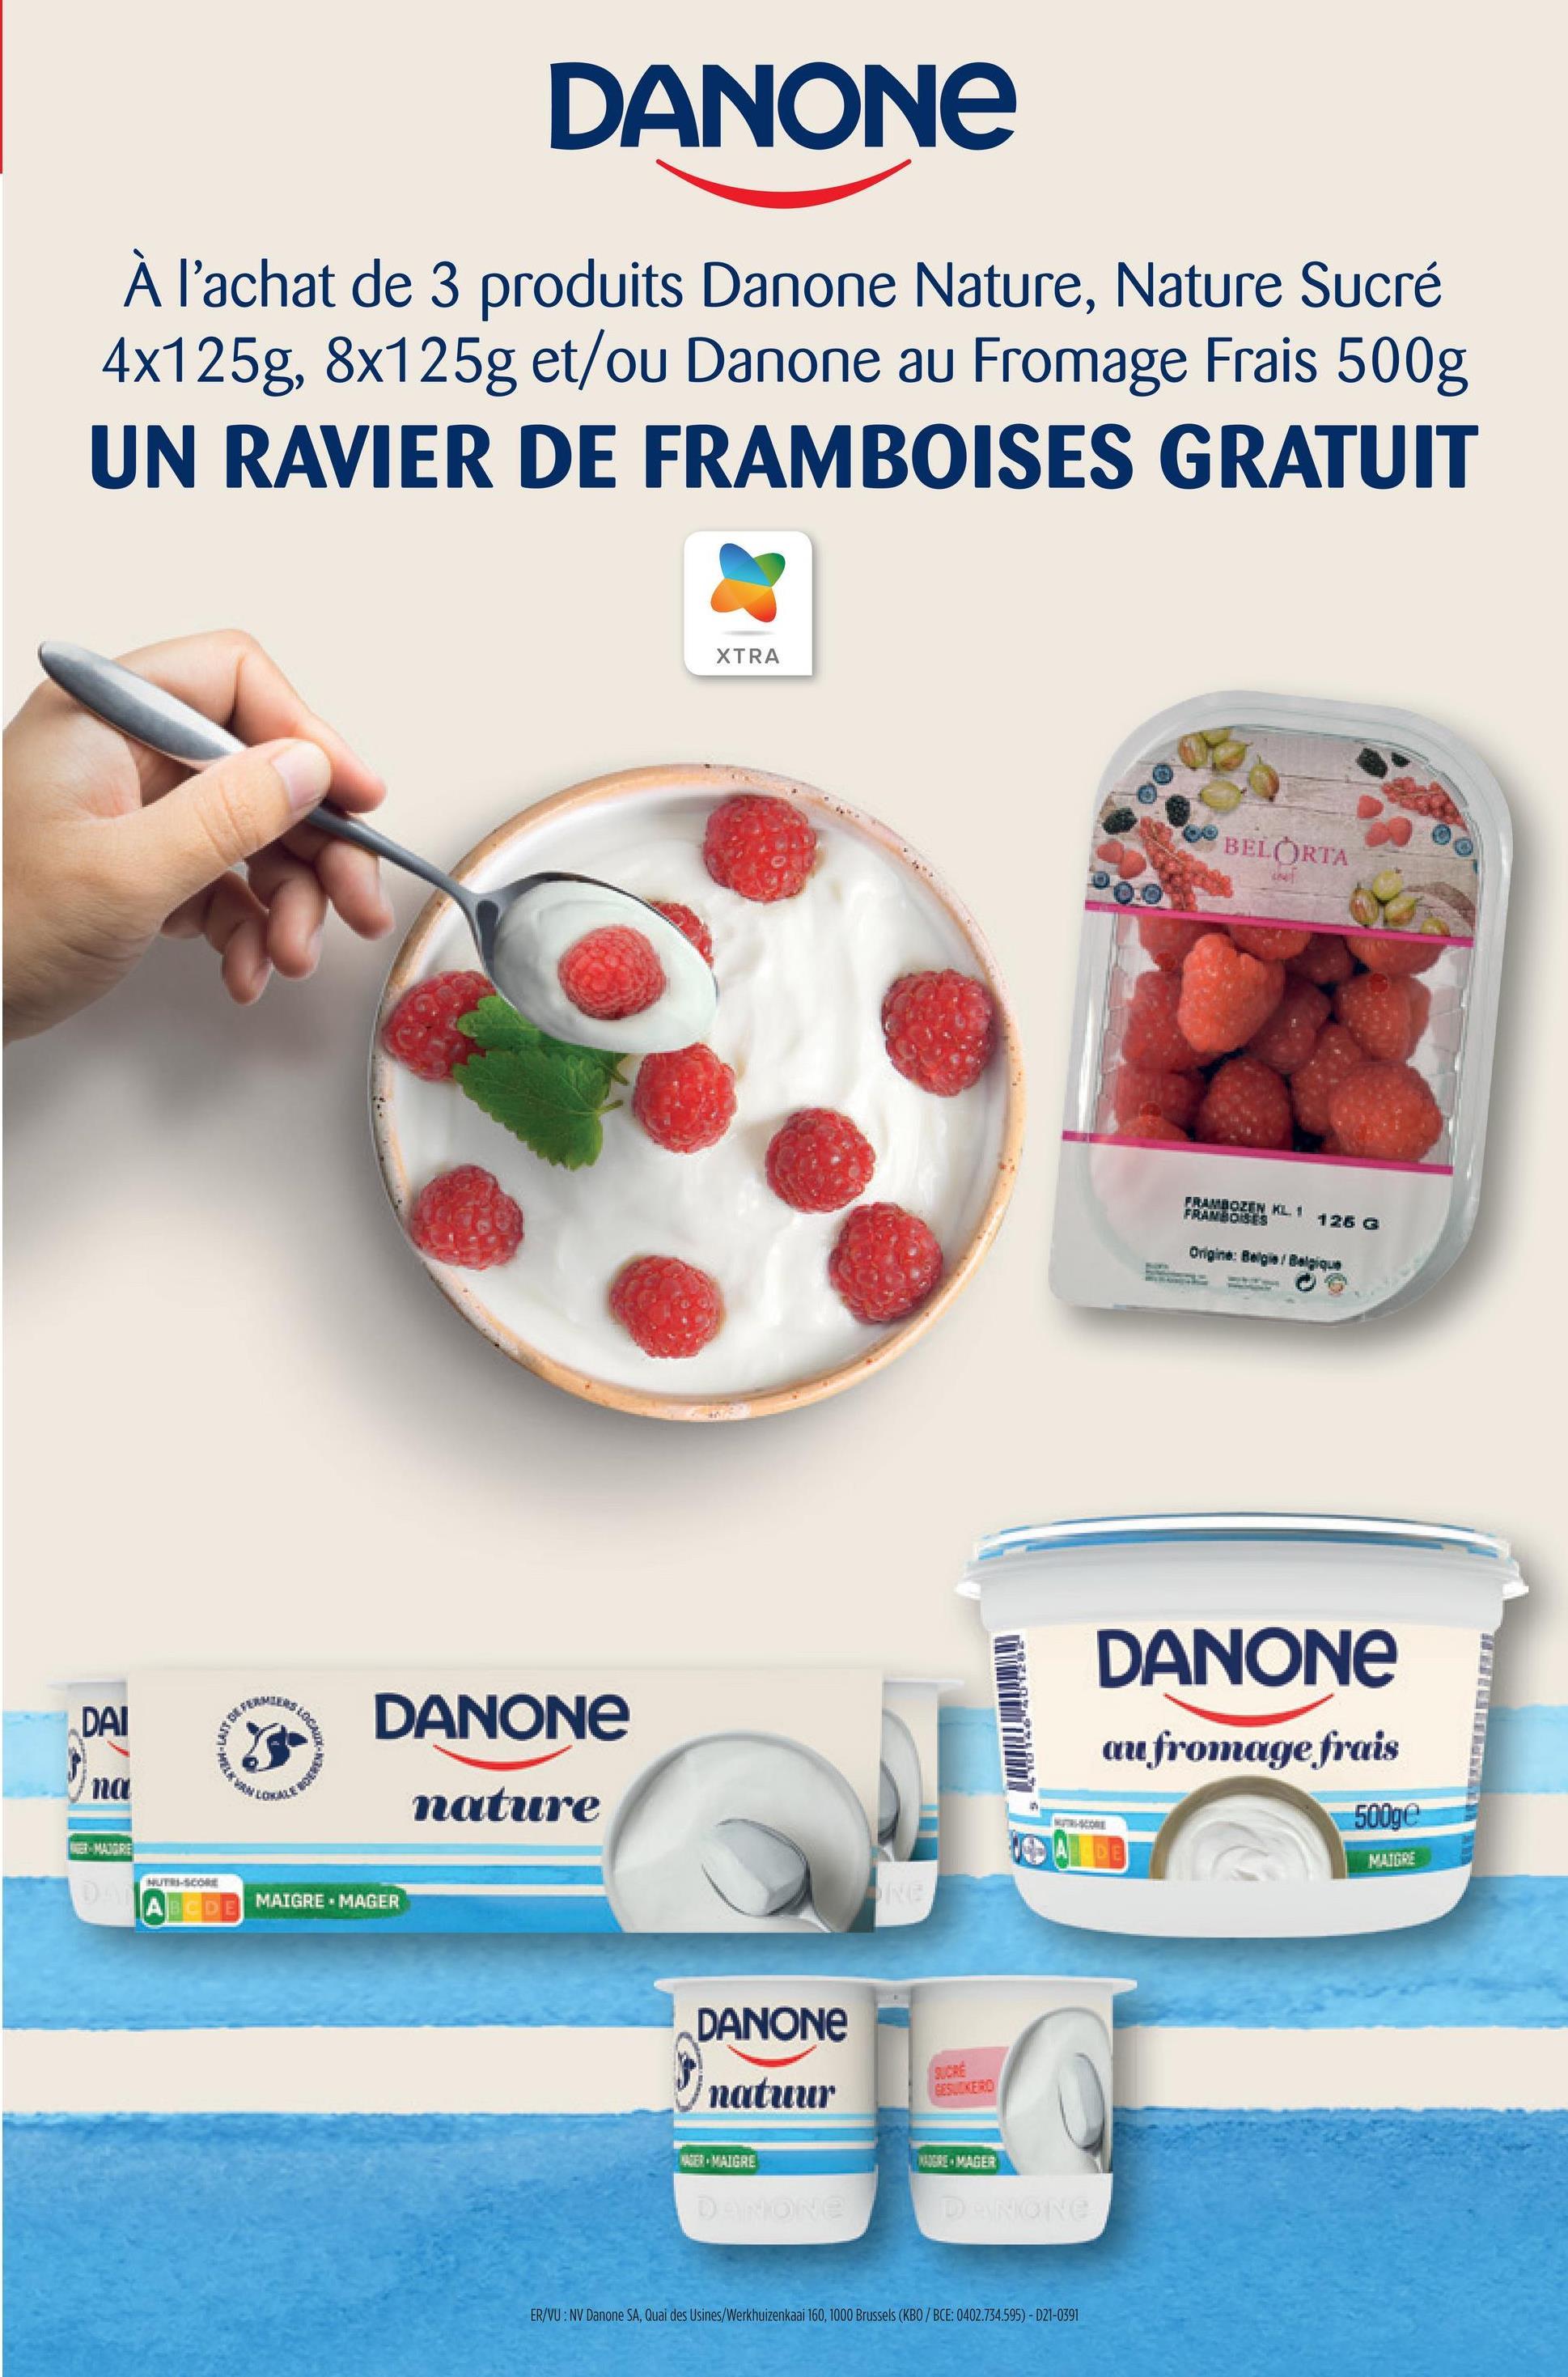 DANONE À l'achat de 3 produits Danone Nature, Nature Sucré 4x125g, 8x125g et/ou Danone au Fromage Frais 500g UN RAVIER DE FRAMBOISES GRATUIT XTRA BELORTA FRANSOLEN KL. 1 FRAMBOISES 125 G Ongine: Bagal Belgique DANONE DAI DANONE au fromage frais Na LOKALE nature 500ge LE MAIRE MAIGRE HUTB-SCORE NE ABIDE MAIGRE - MAGER DANONE natuur EES, KERO 3) MAIGRE NAME. MAGER D ONE ER/VU: NV Danone SA, Quai des Usines/Werkhuizenkaai 160, 1000 Brussels (KBO/BCE: 0402.734.595) - D21-0391